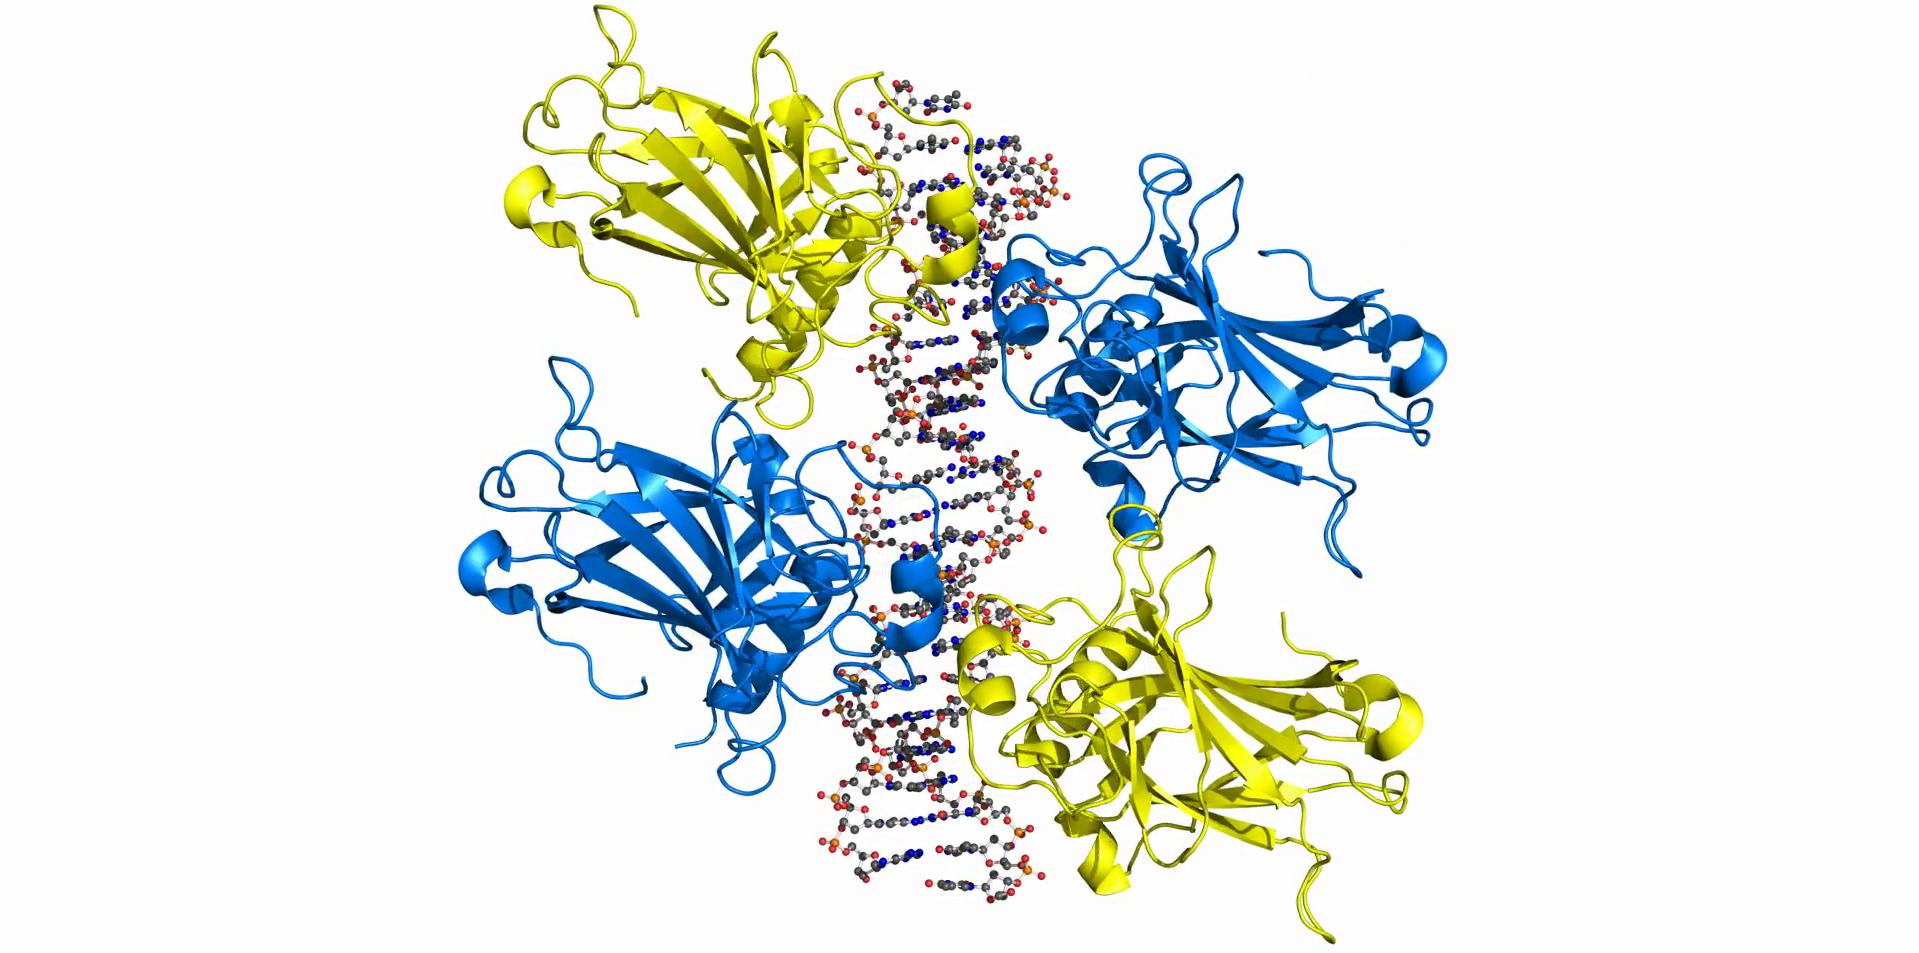 La proteína p53 puede actuar como una nueva diana terapéutica contra la obesidad...